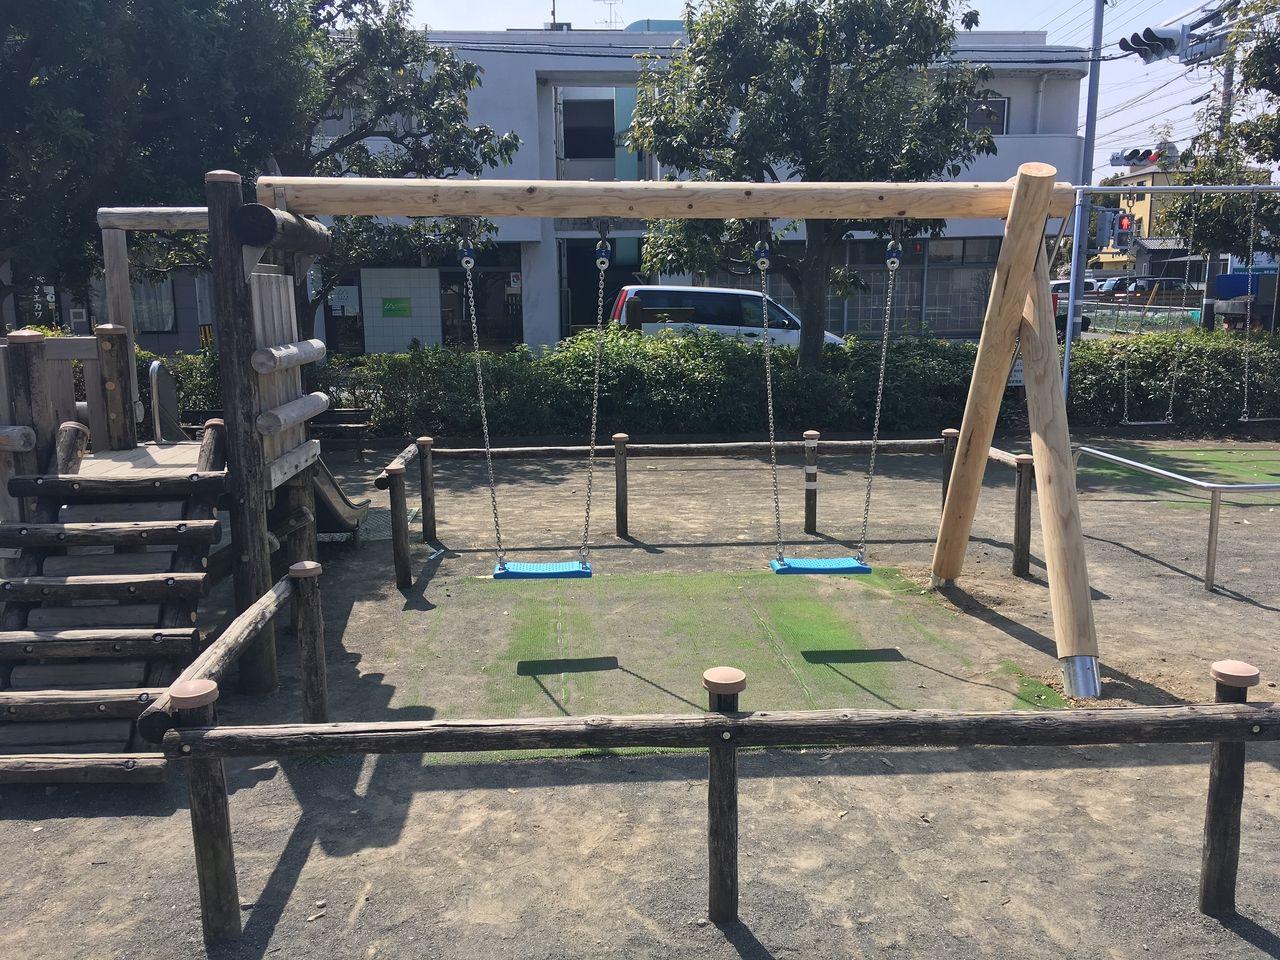 静岡市清水区草薙の天皇原公園のブランコが新しくなりました。